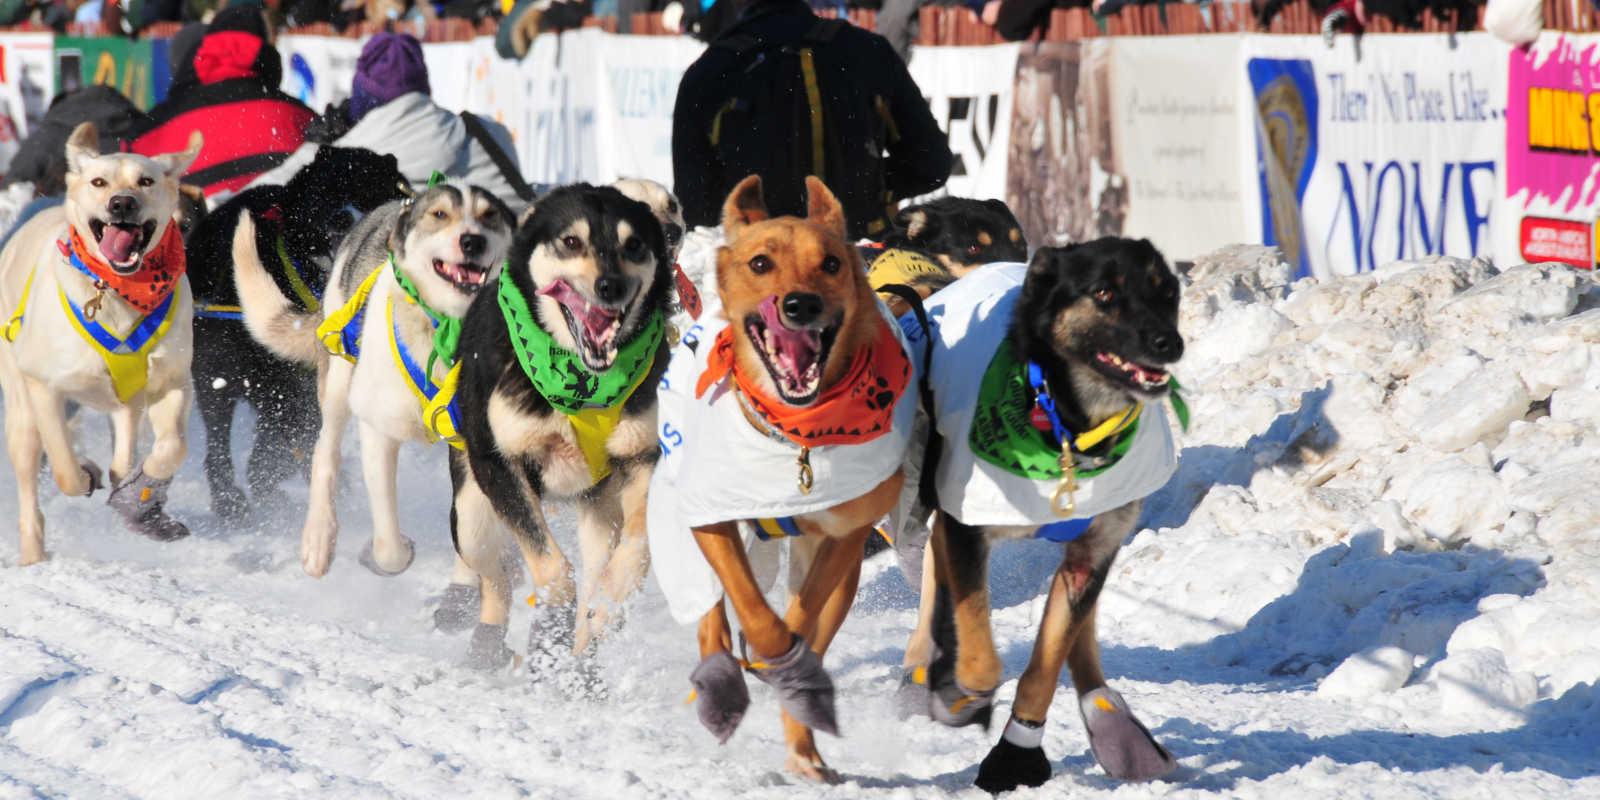 Iditarod Sled Dog Team Fourth Avenue Anchorage Alaska